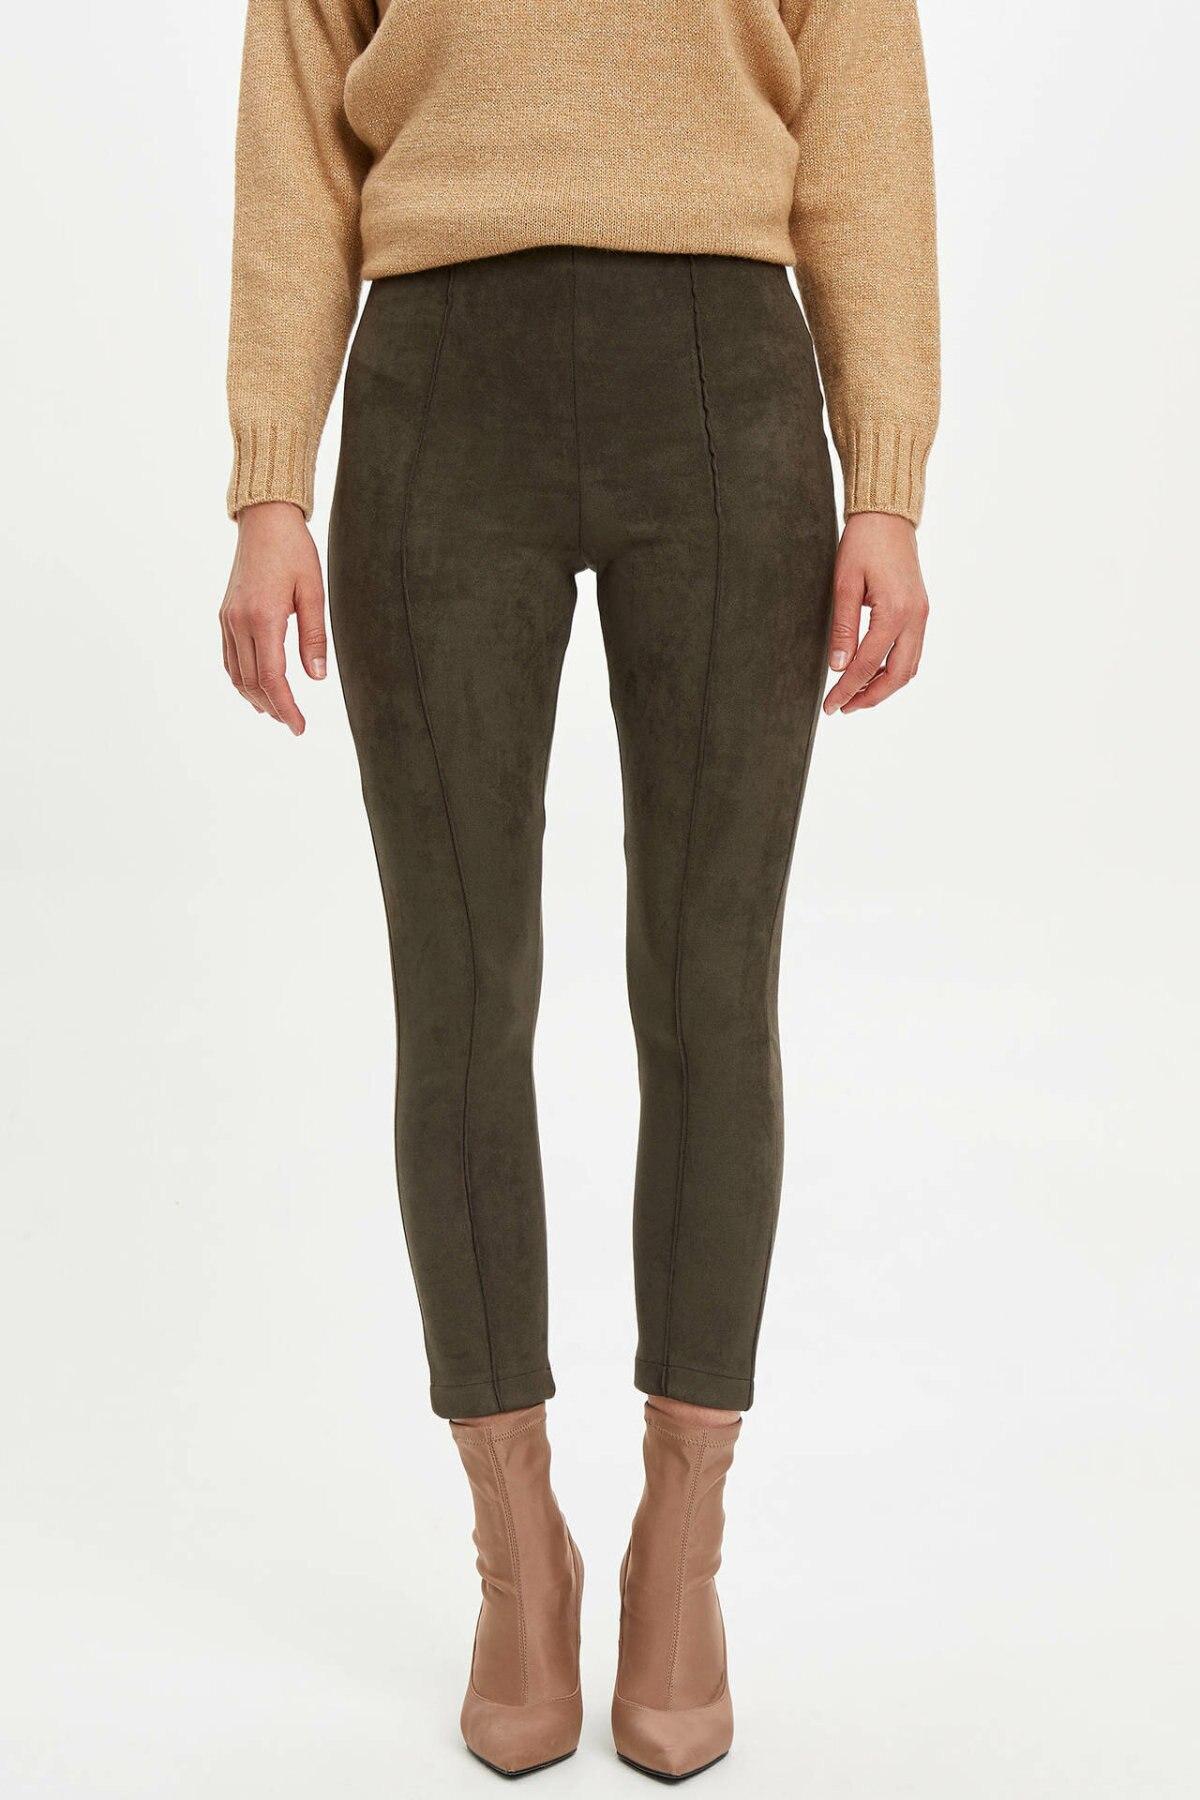 DeFacto Simple Fashion Women Slim Trousers Female Leggings Pants For Women's Casual Solid Leisure Crop Pants -M7438AZ19AU